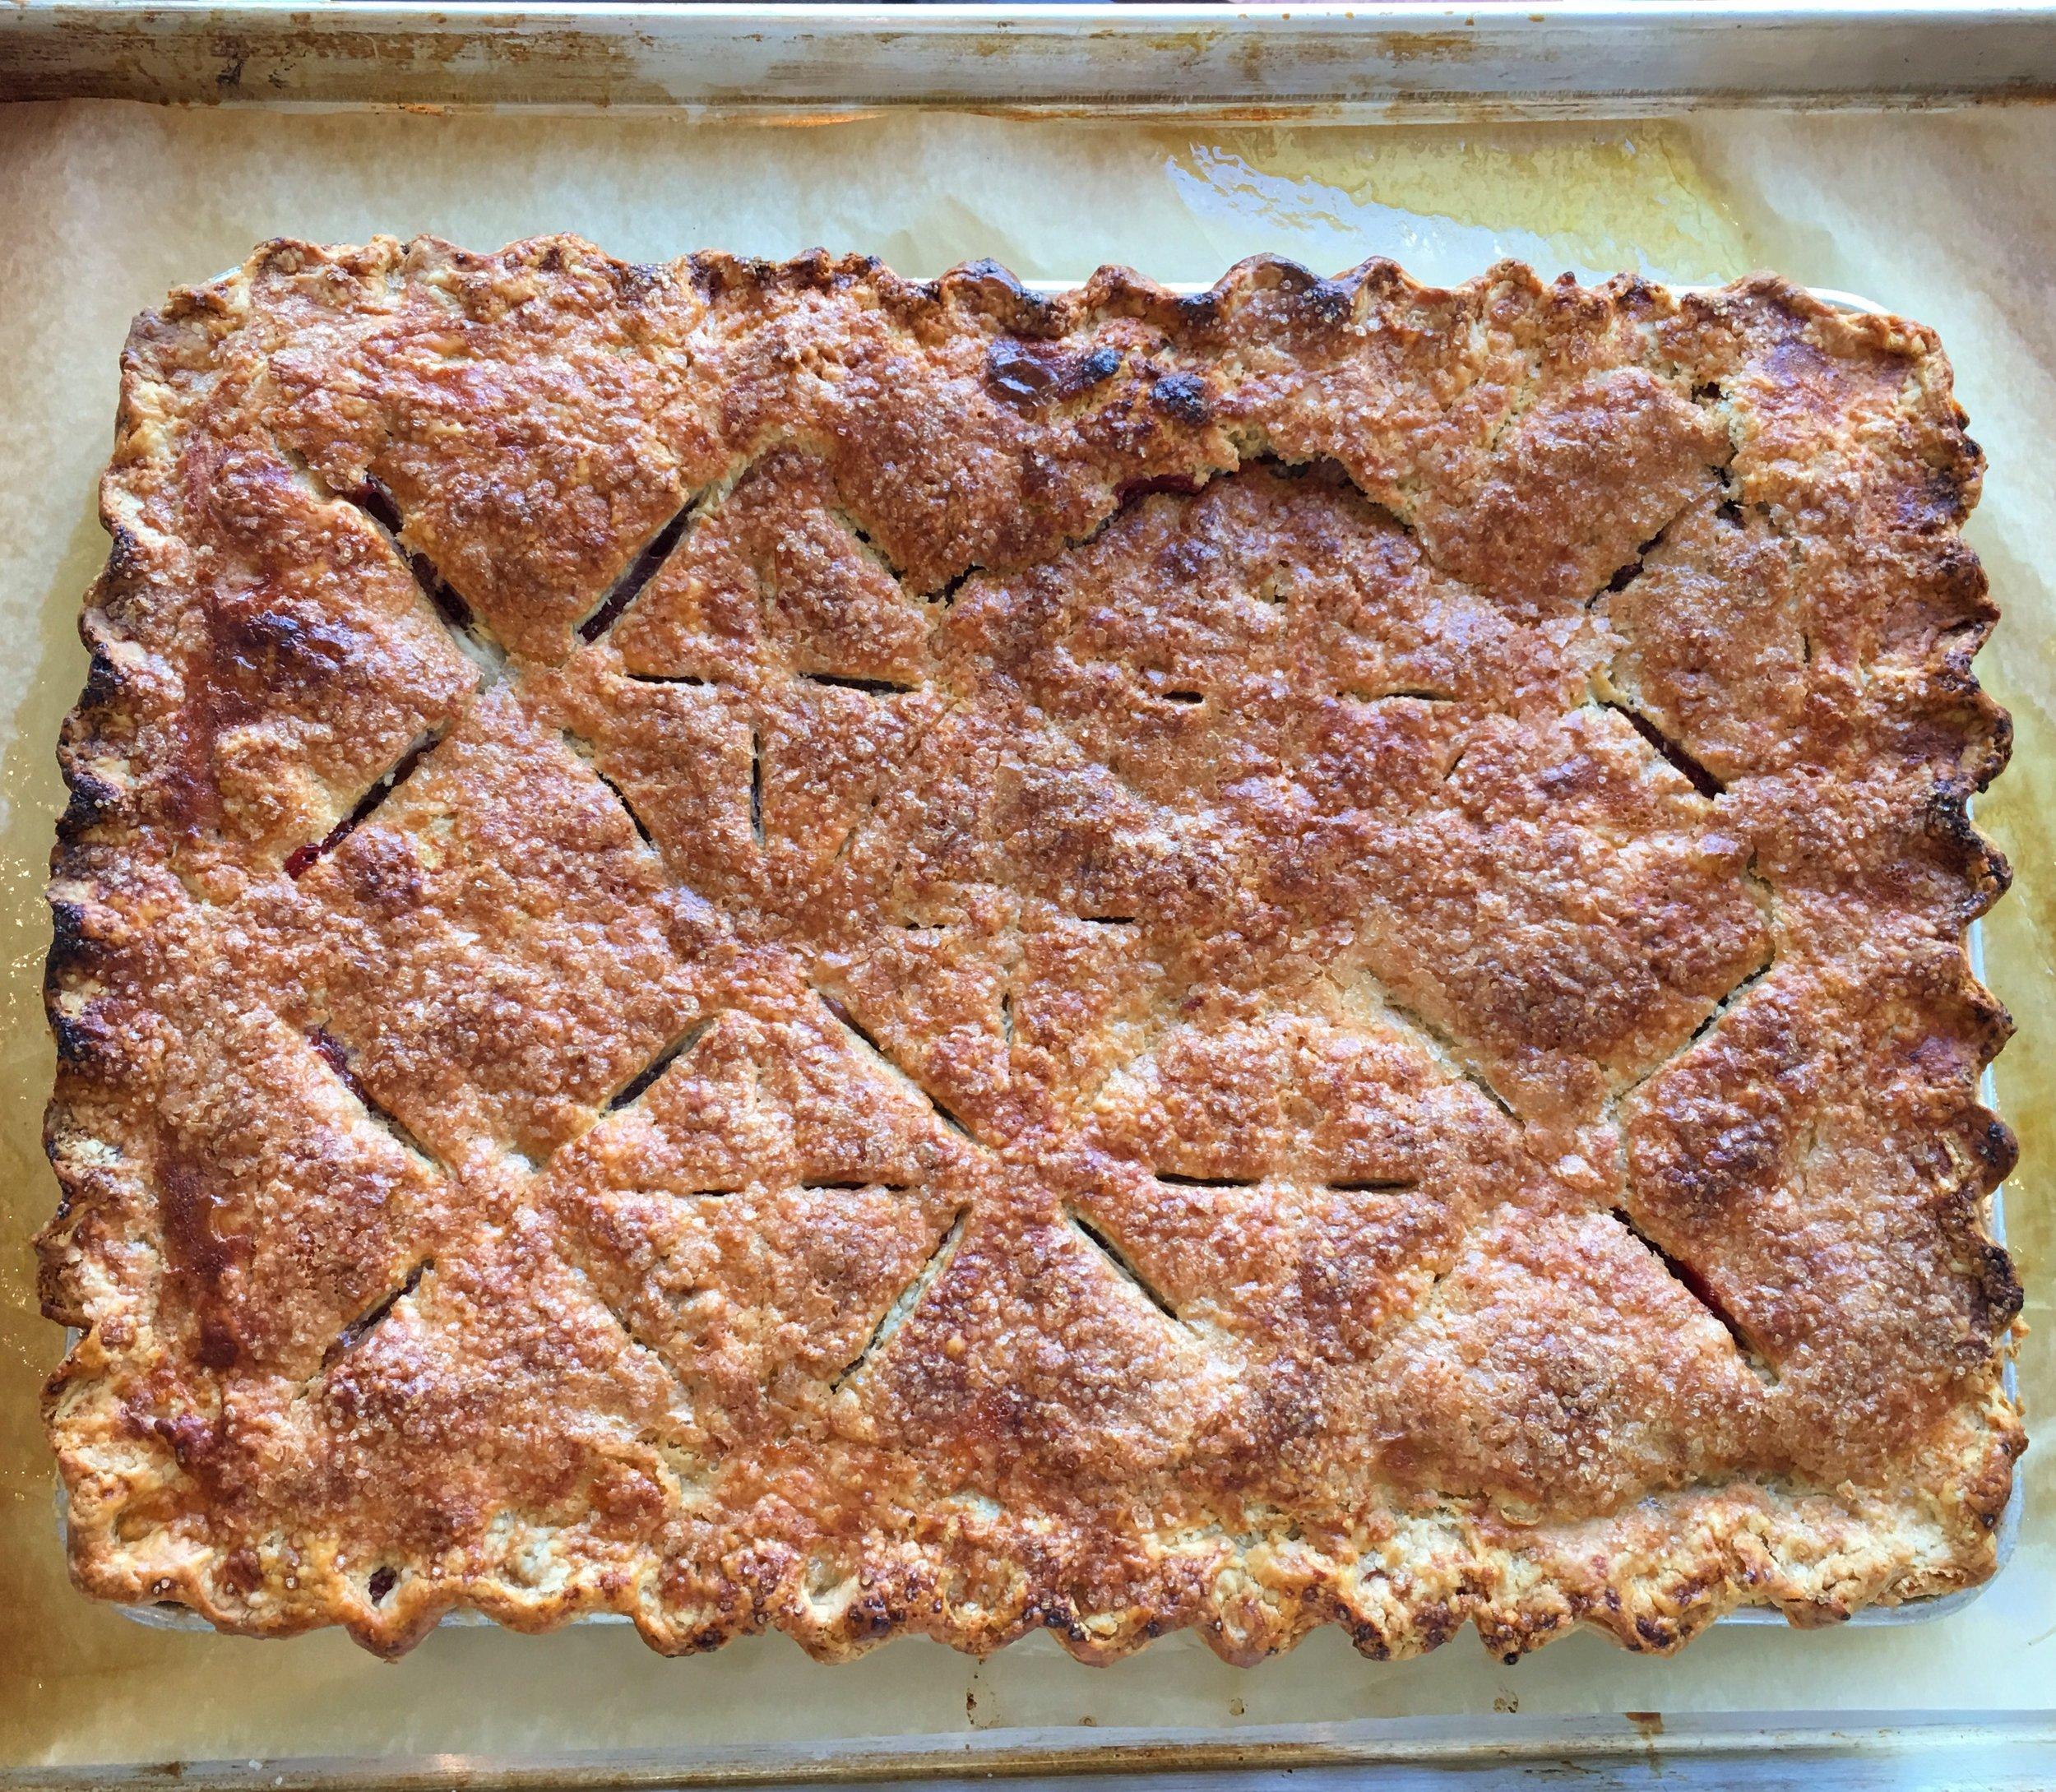 GIGANTIC 13x18 strawberry-rhubarb pie!